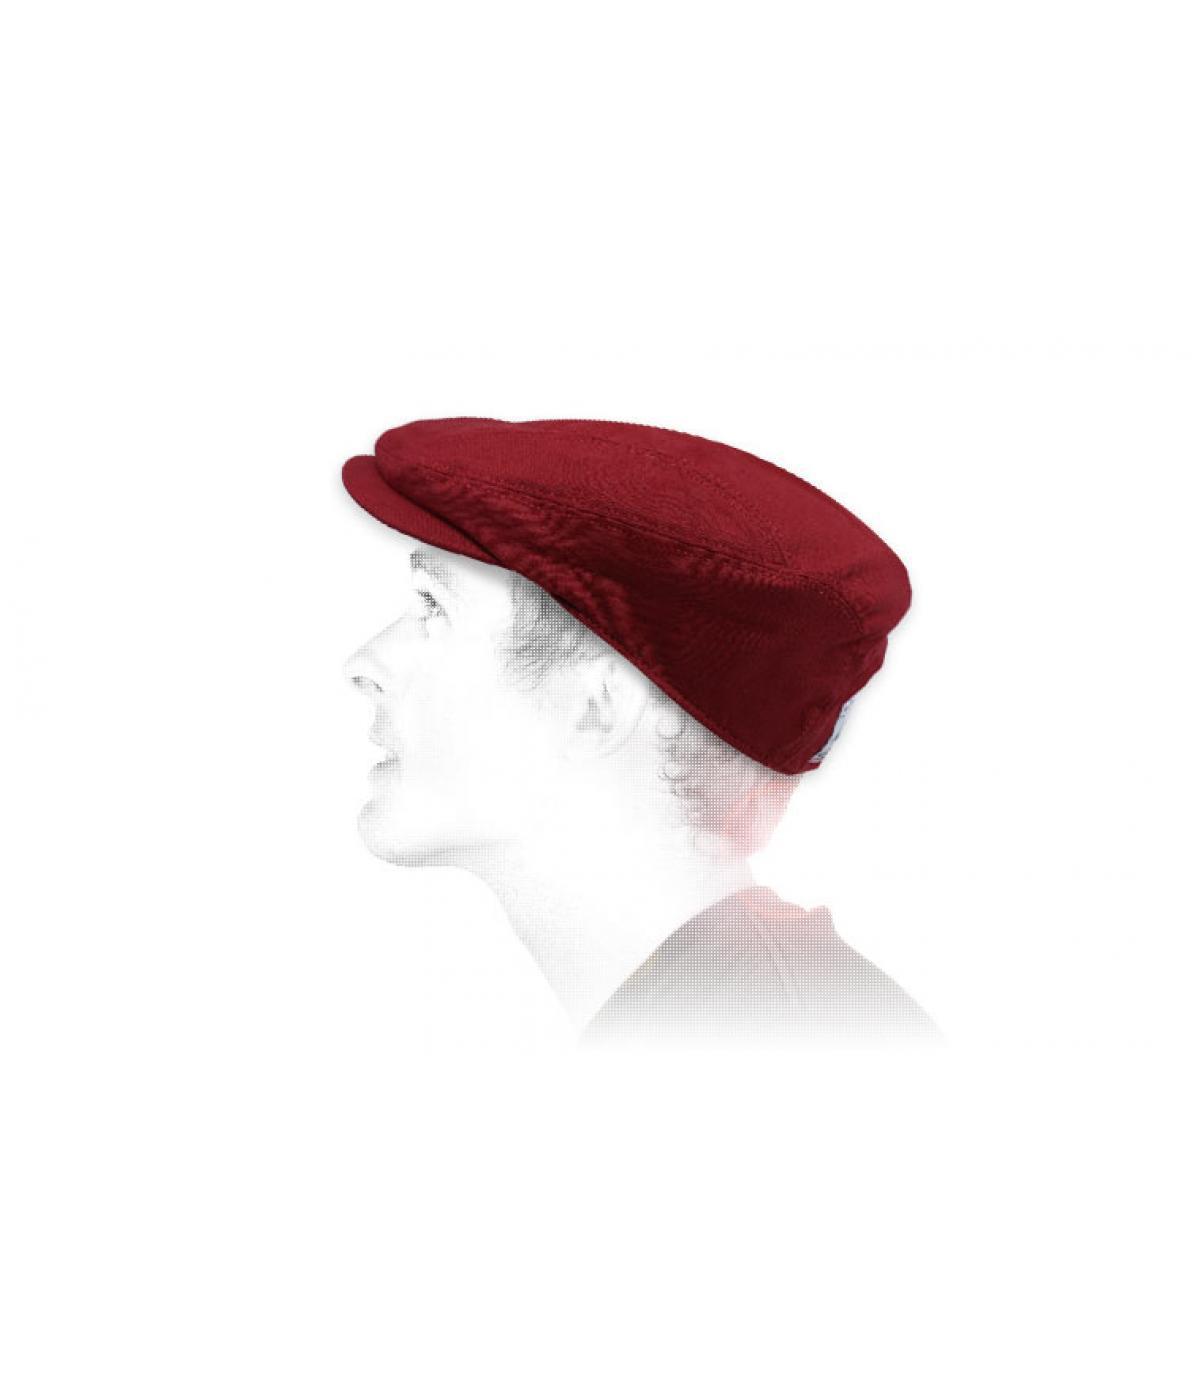 Rode linnen baret.